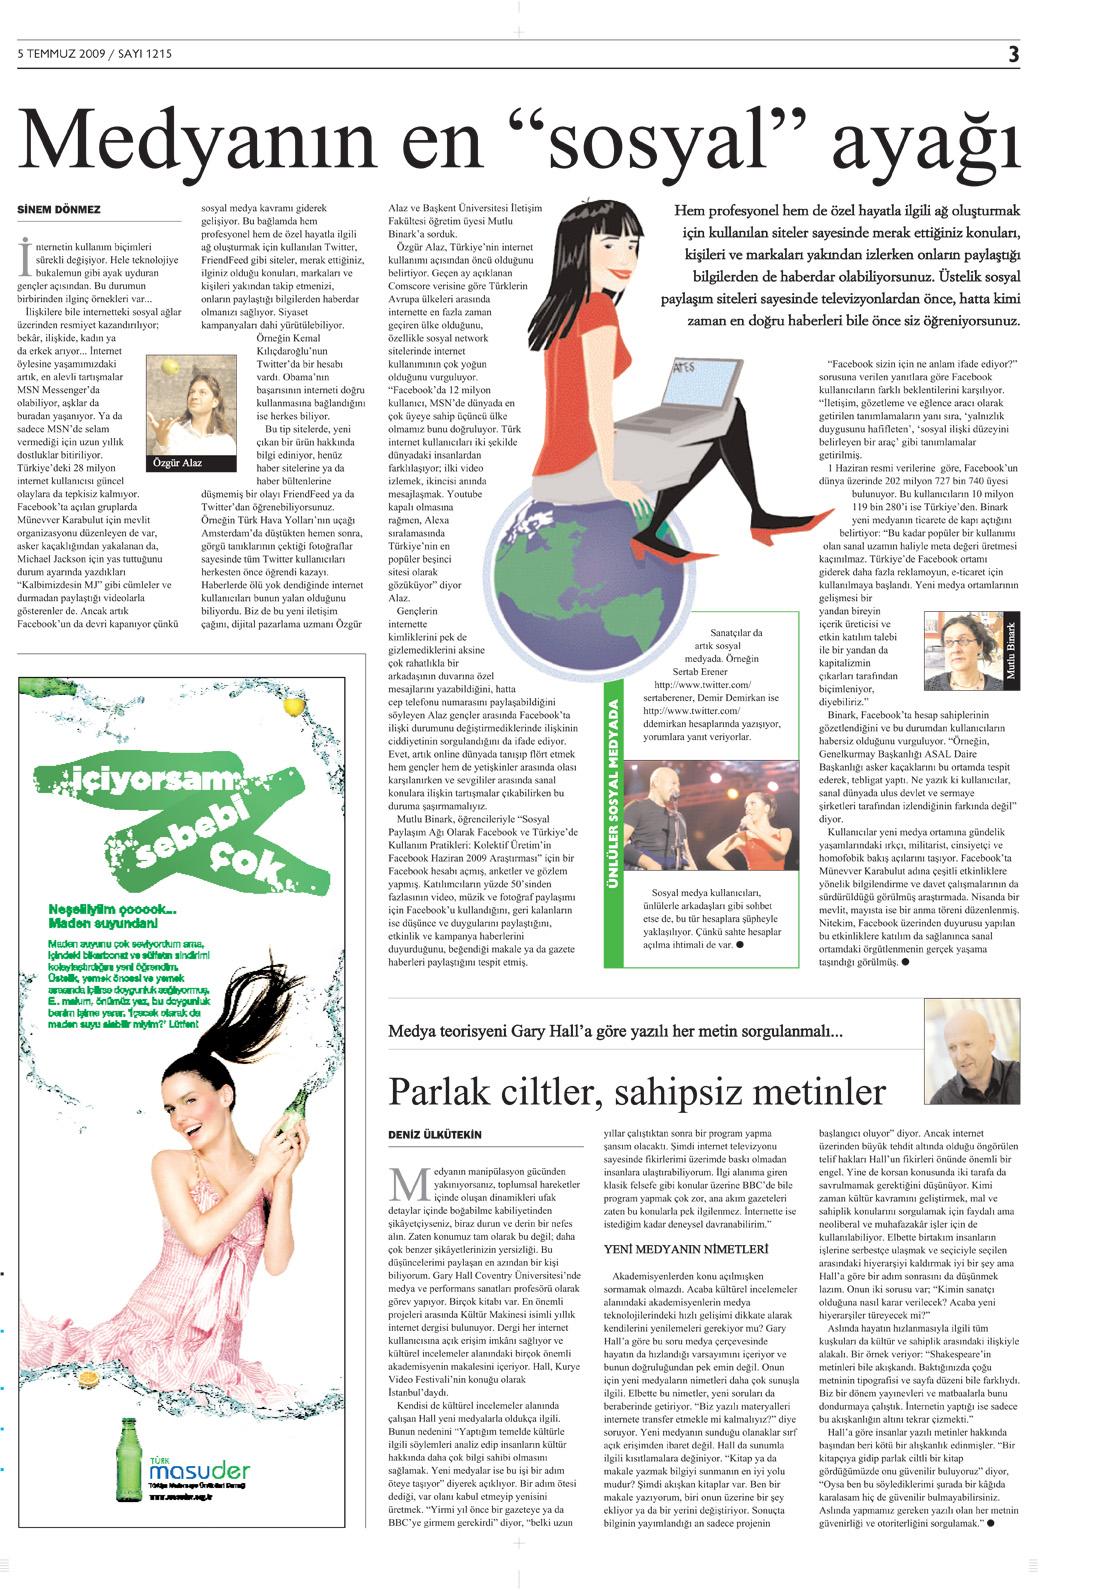 Cumhuriyet_05.07.09.jpg